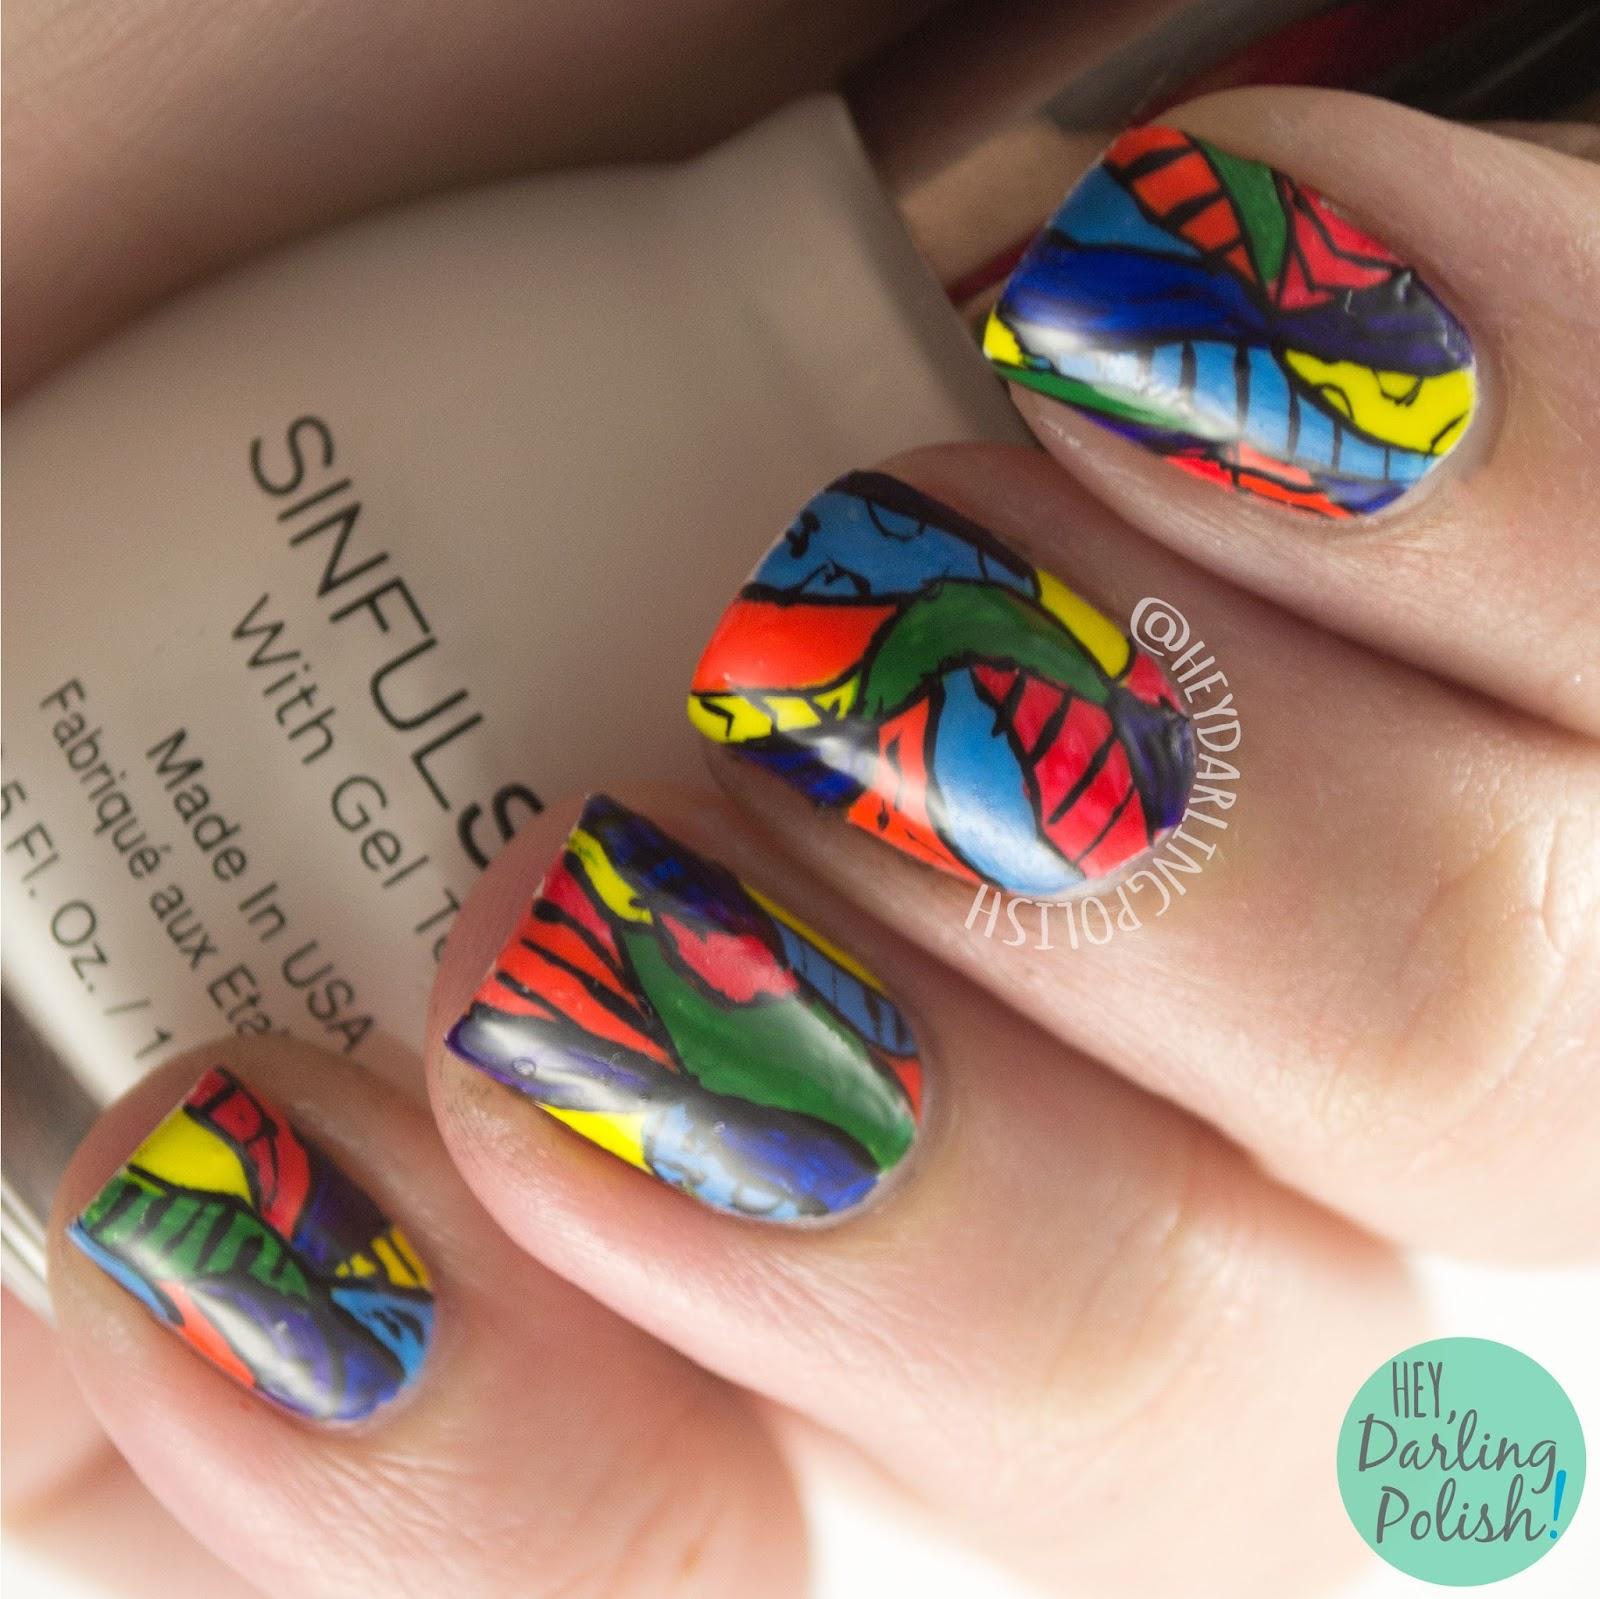 nails, nail art, nail polish, rainbow, bright, pattern, hey darling polish, 31 day challenge 2015,